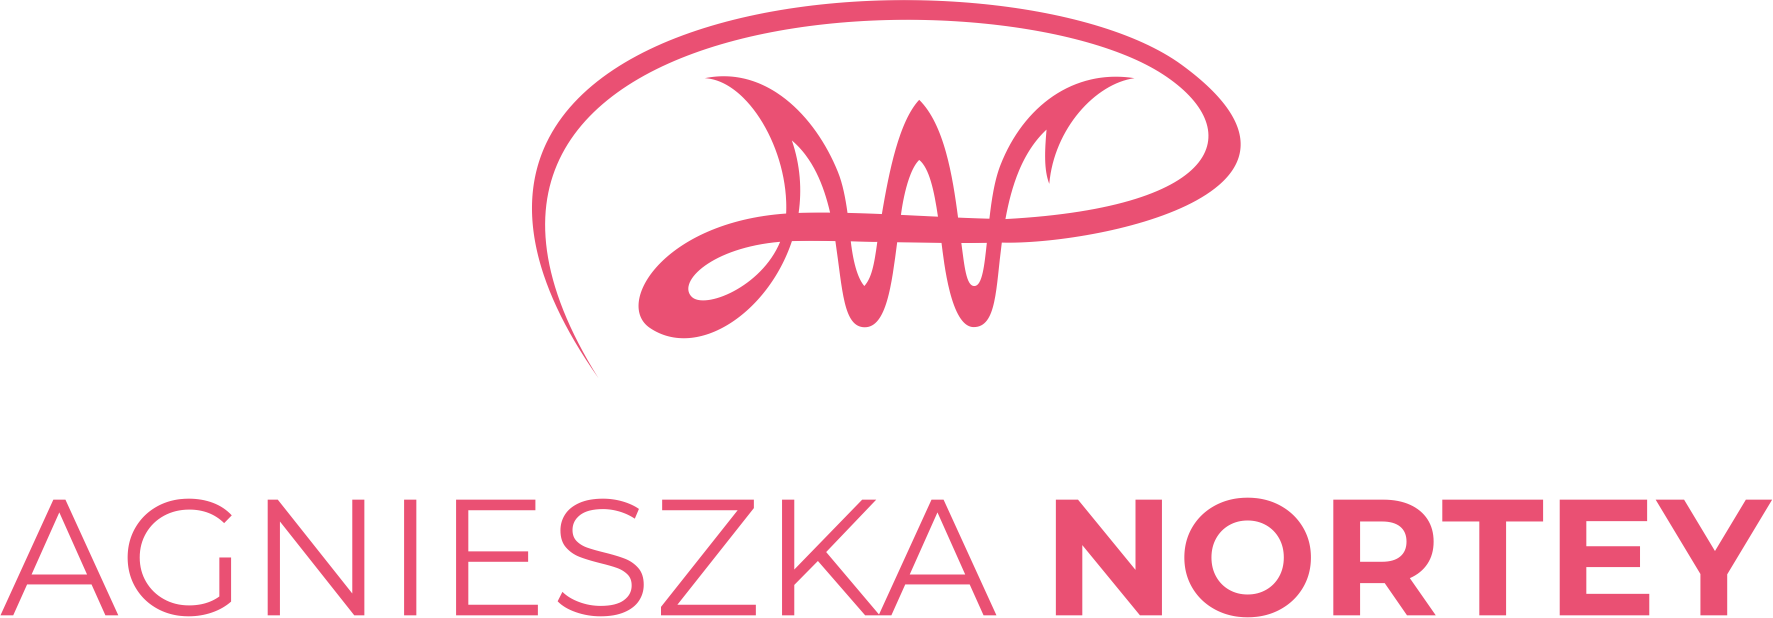 AGNIESZKA NORTEY LOGO_